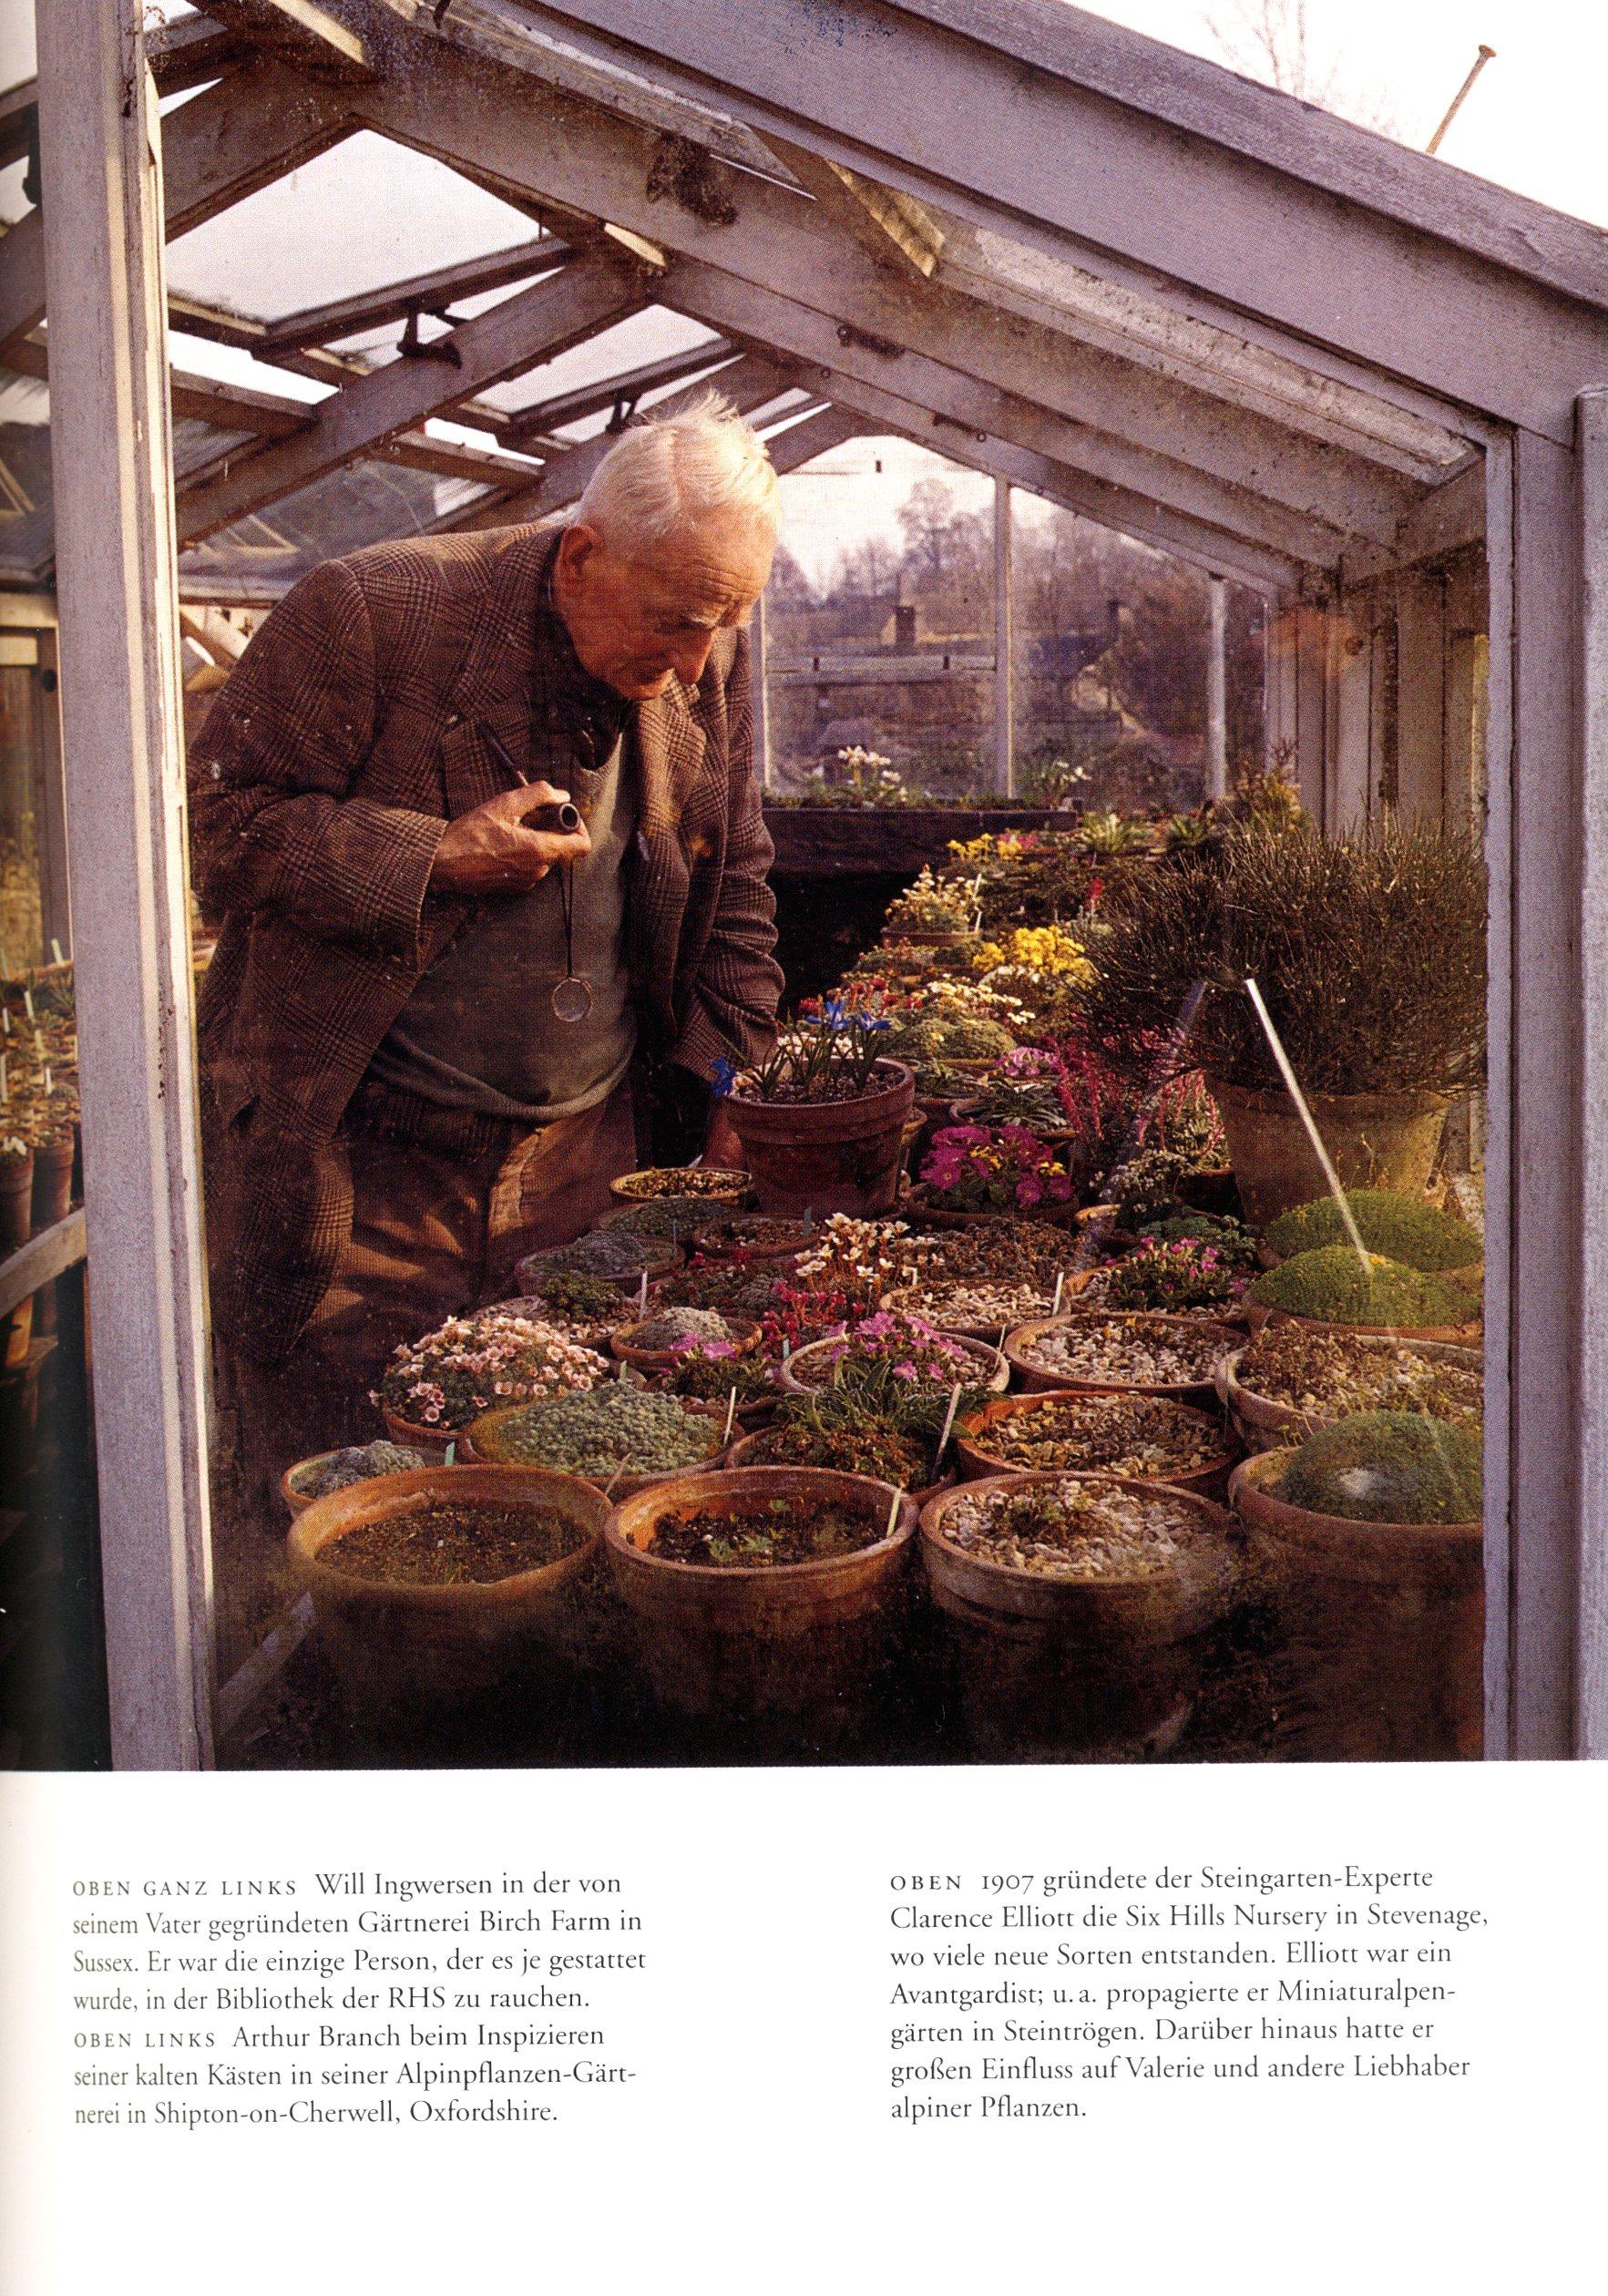 """Valerie Finnis – Picture of Clarence Elliott – Ursula Buchan – """"Garden People"""" or """"Als die Gärtner Tweed trugen"""" – Gerstenberg Verlag/ Thames & Hudson"""